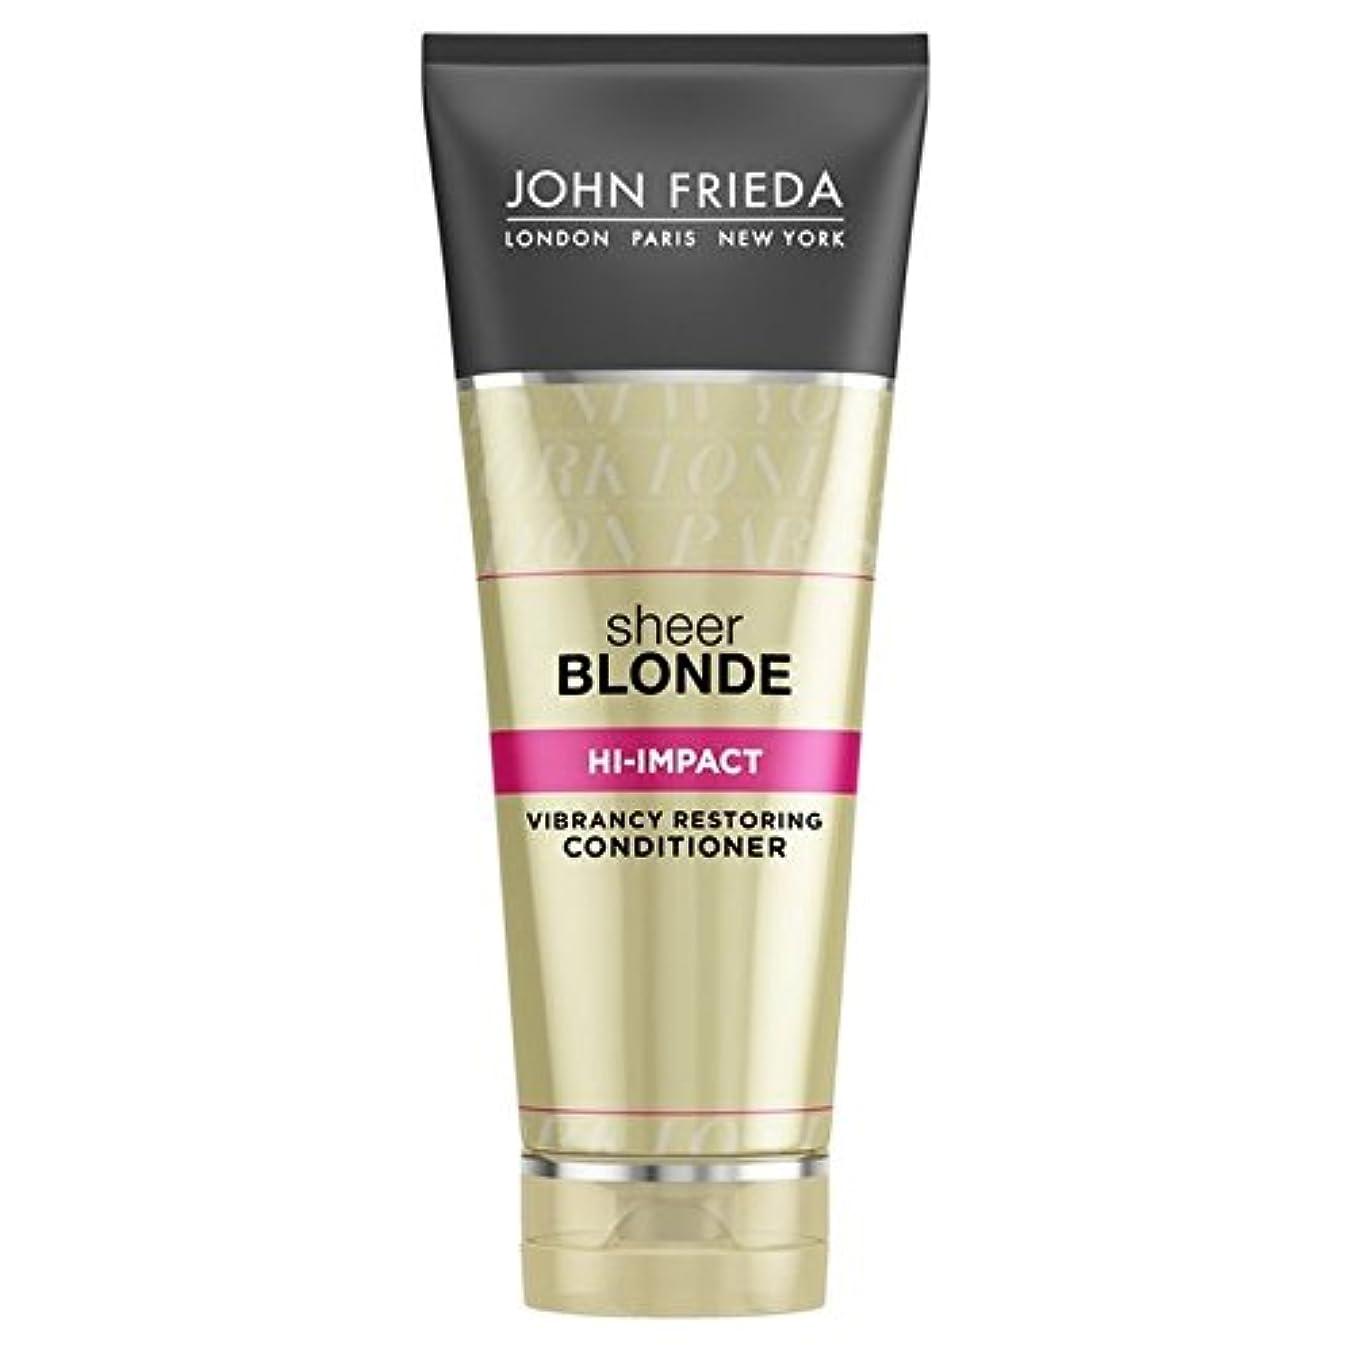 ルーム引数ブルーベルJohn Frieda Sheer Blonde Hi Impact Conditioner 250ml - ジョン?フリーダ膨大なブロンドハイインパクトコンディショナー250 [並行輸入品]